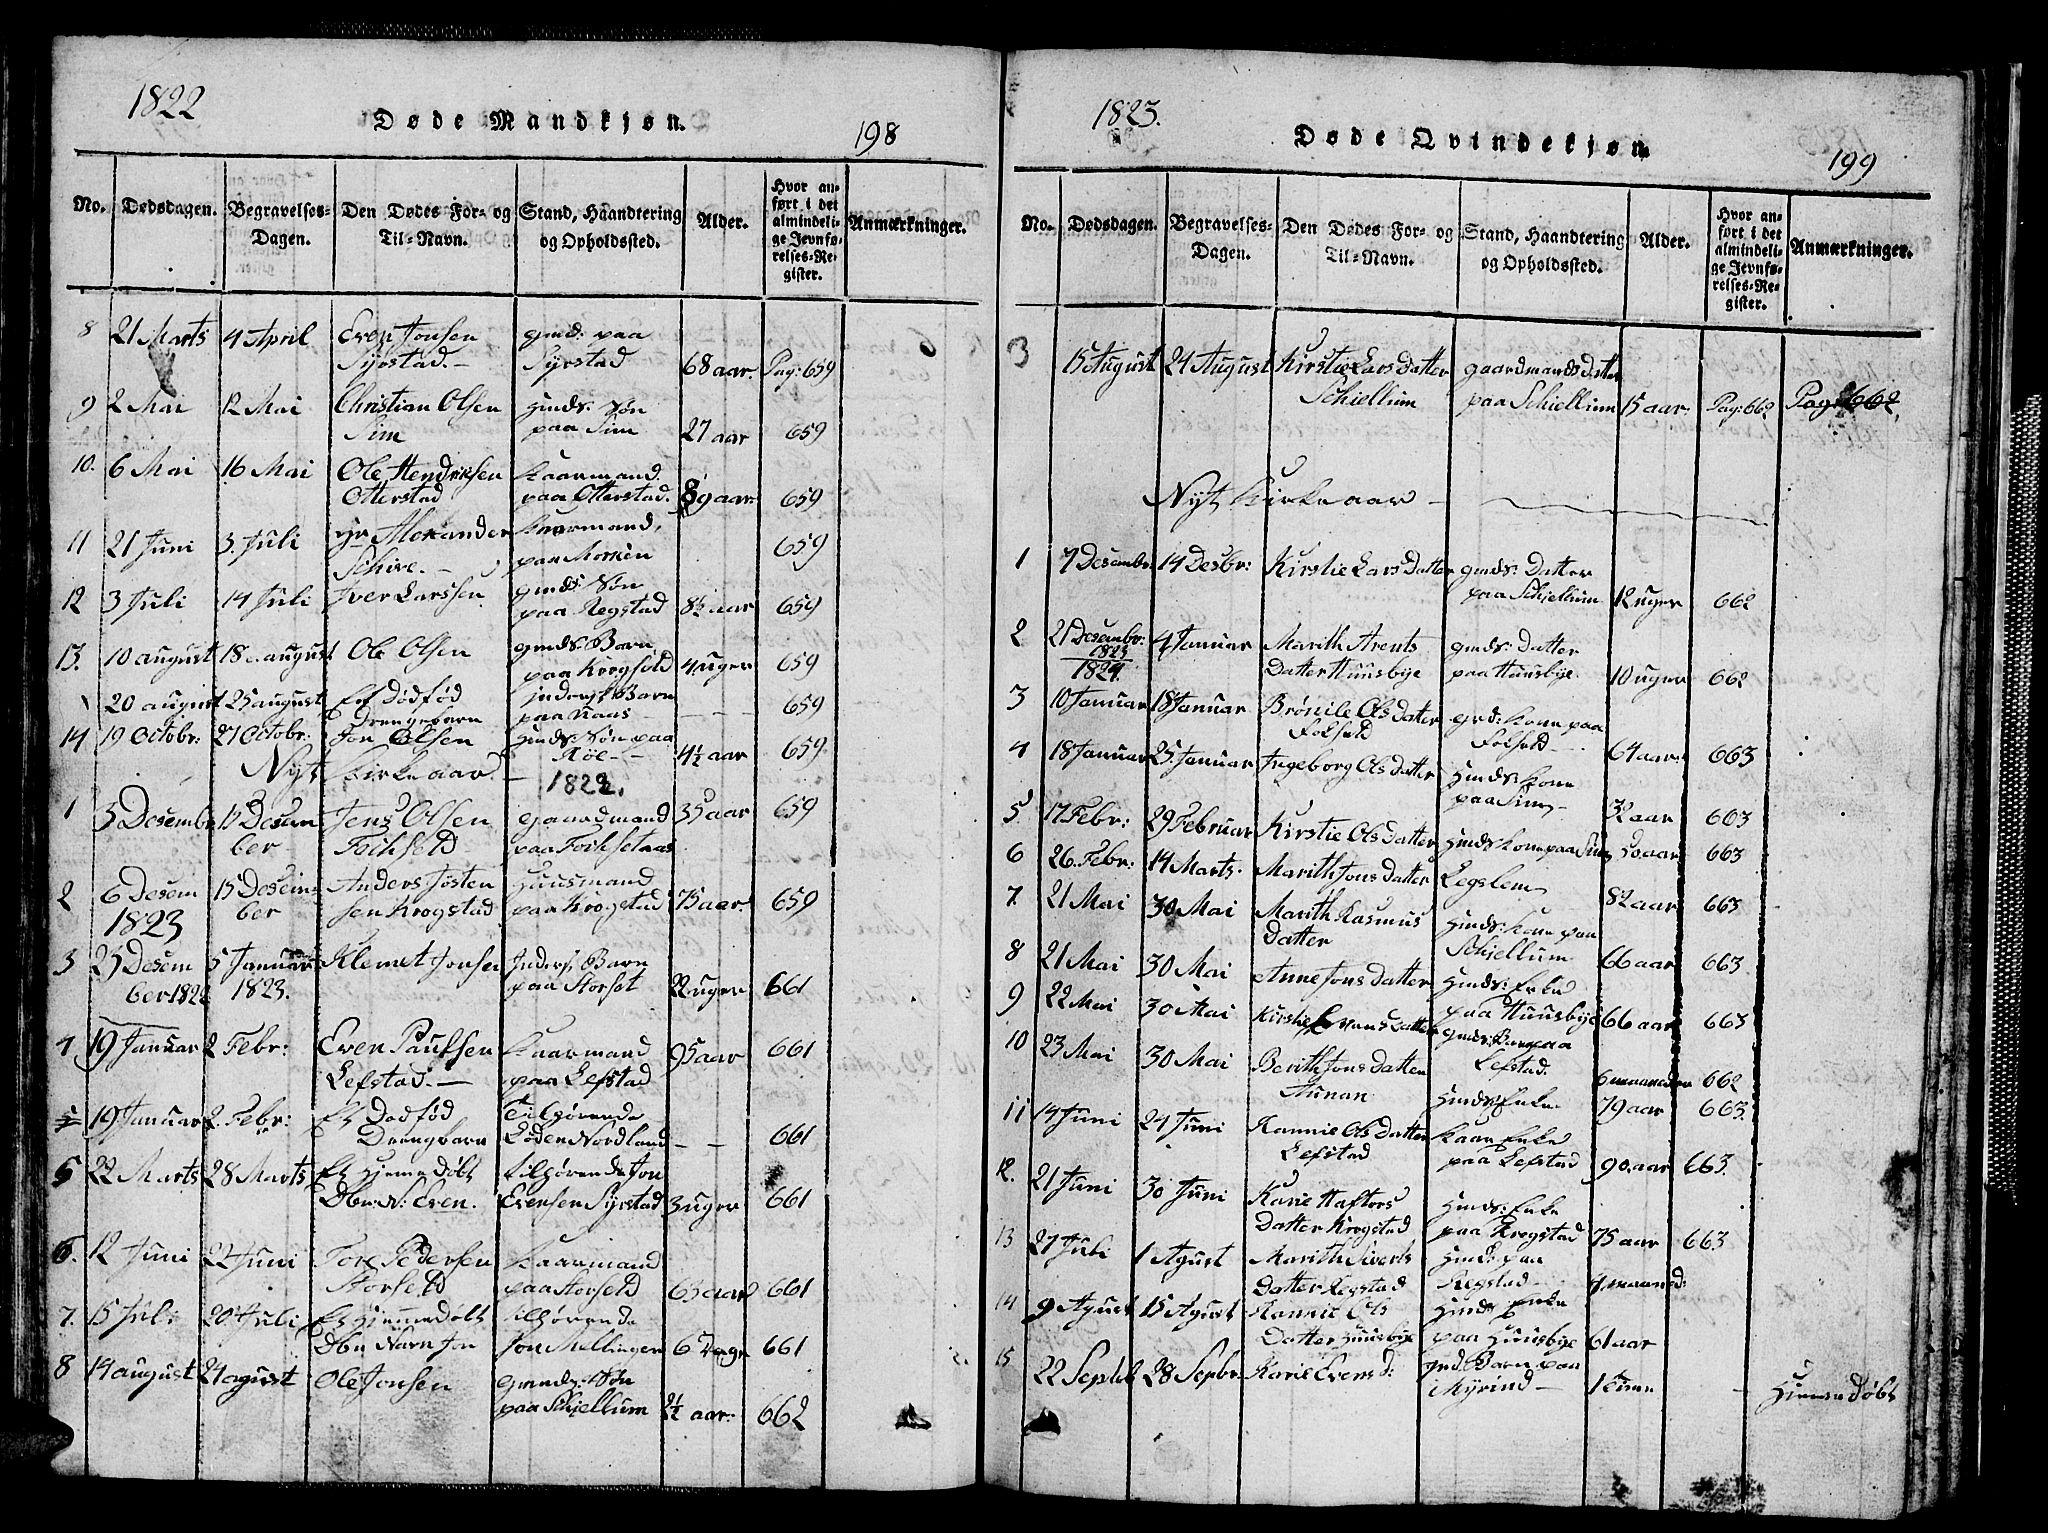 SAT, Ministerialprotokoller, klokkerbøker og fødselsregistre - Sør-Trøndelag, 667/L0796: Klokkerbok nr. 667C01, 1817-1836, s. 198-199